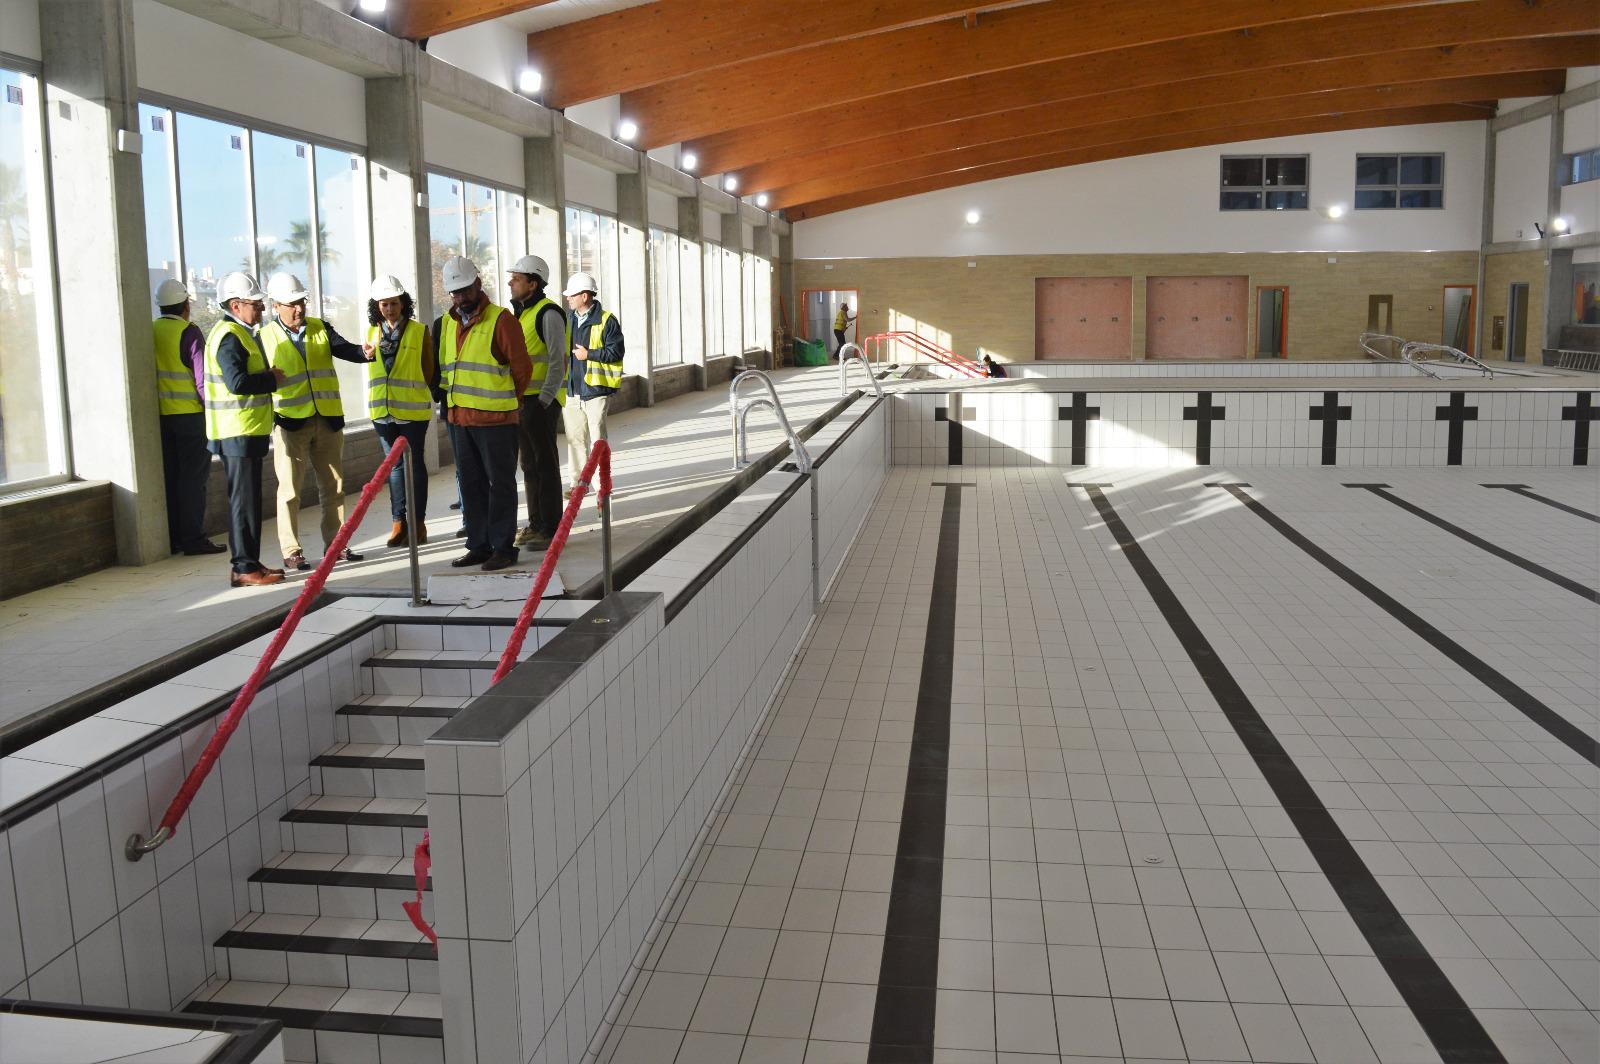 Las obras de la piscina cubierta municipal de rinc n de la victoria se encuentran al 95 por - Piscinas cubiertas malaga ...